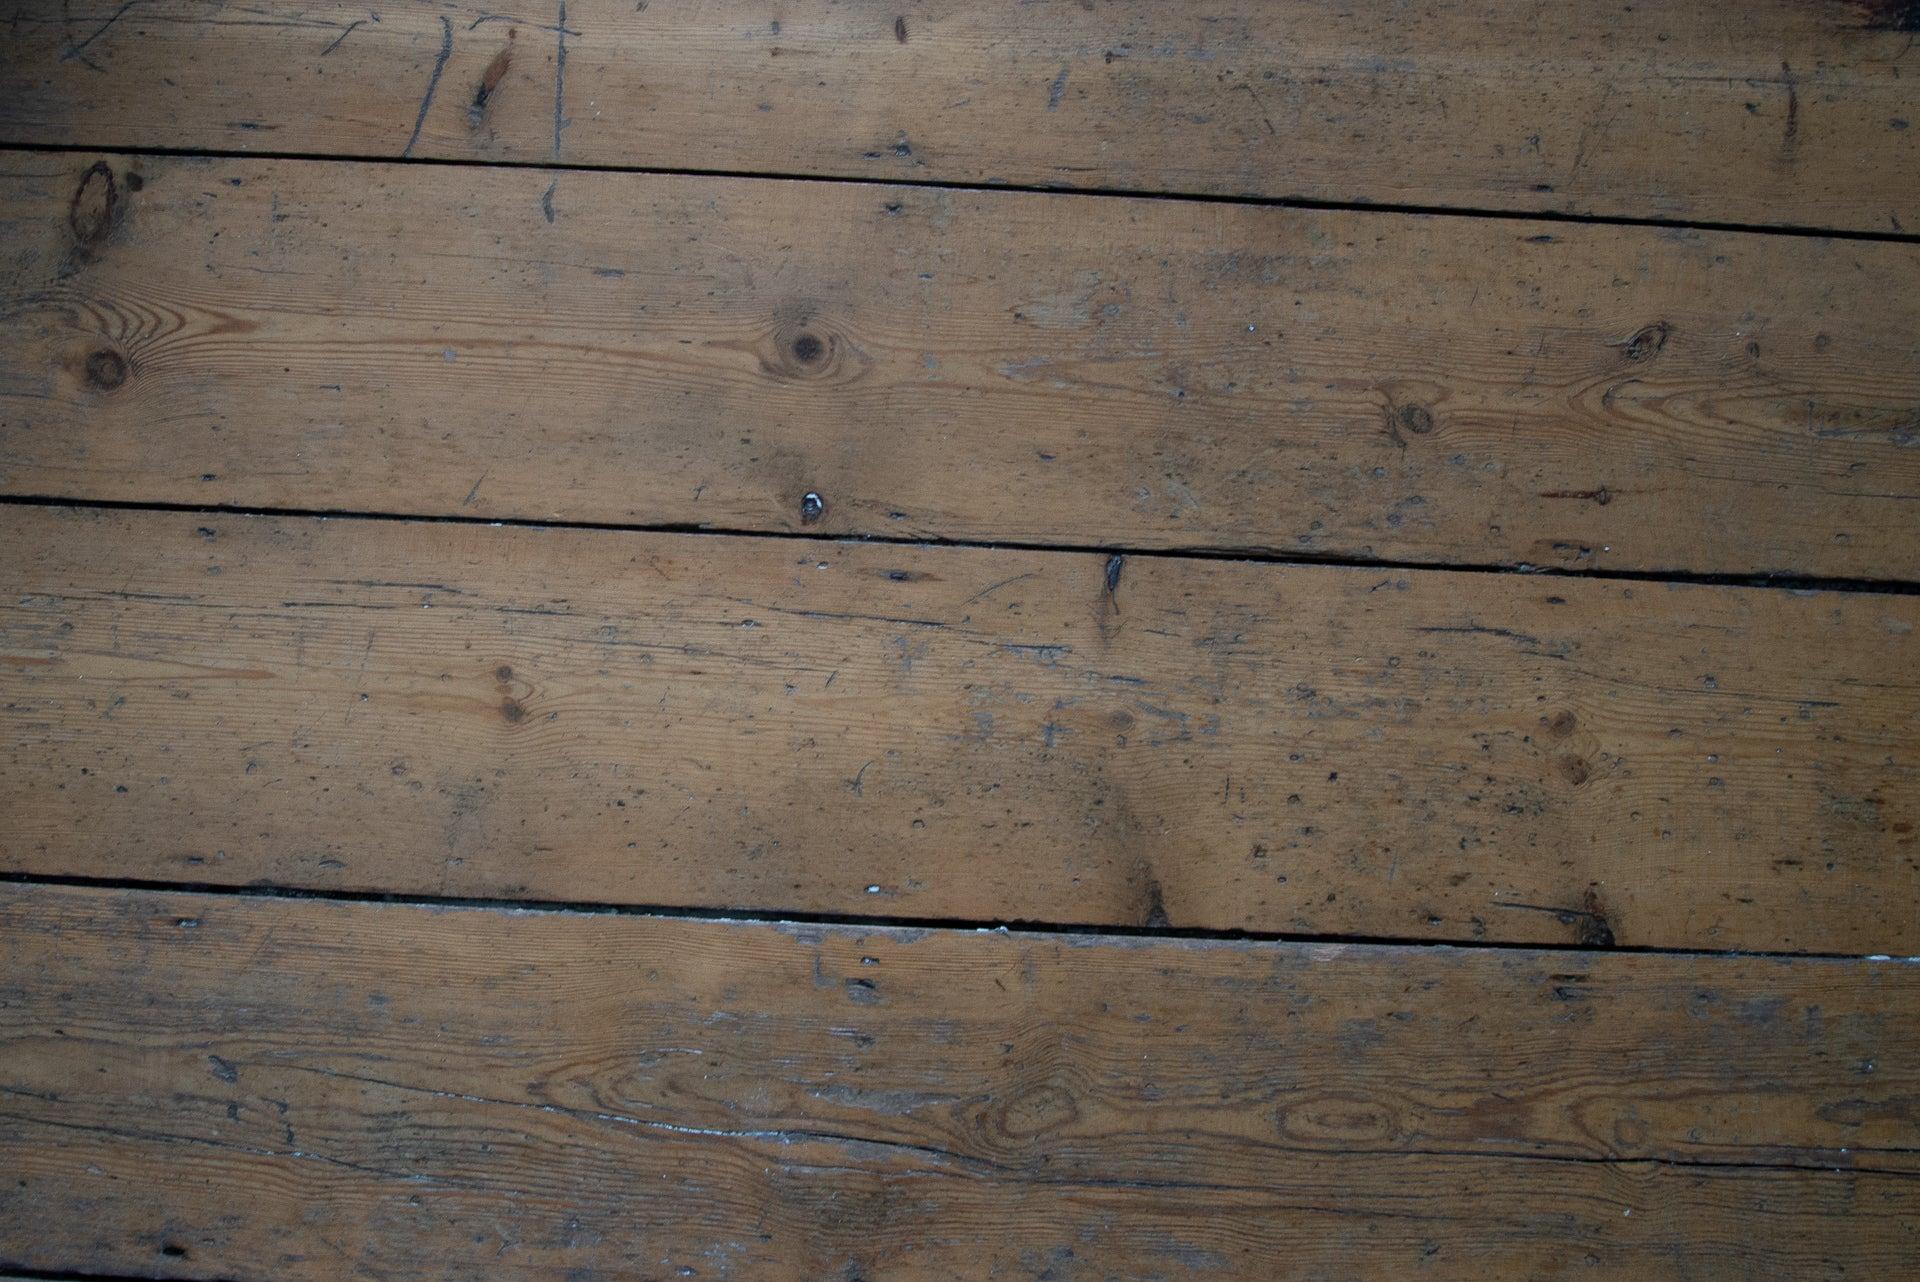 Roborock S6 hard floor clean